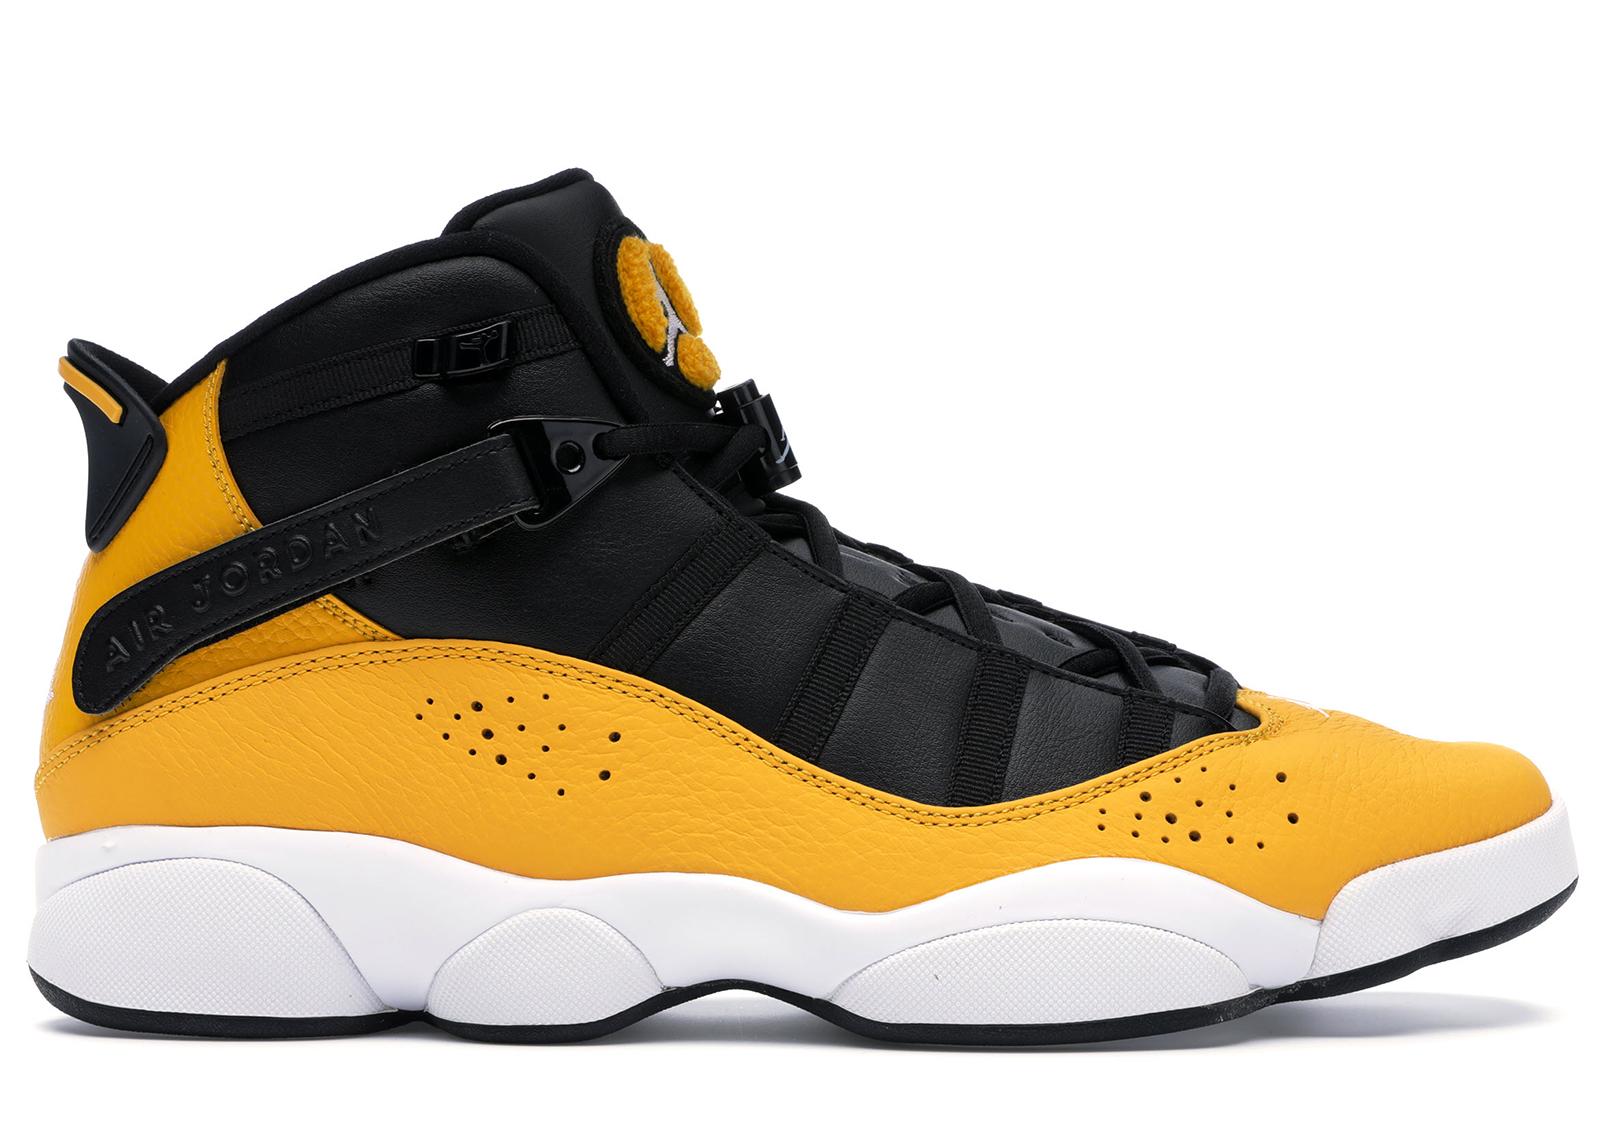 Jordan 6 Rings Taxi - 322992-700